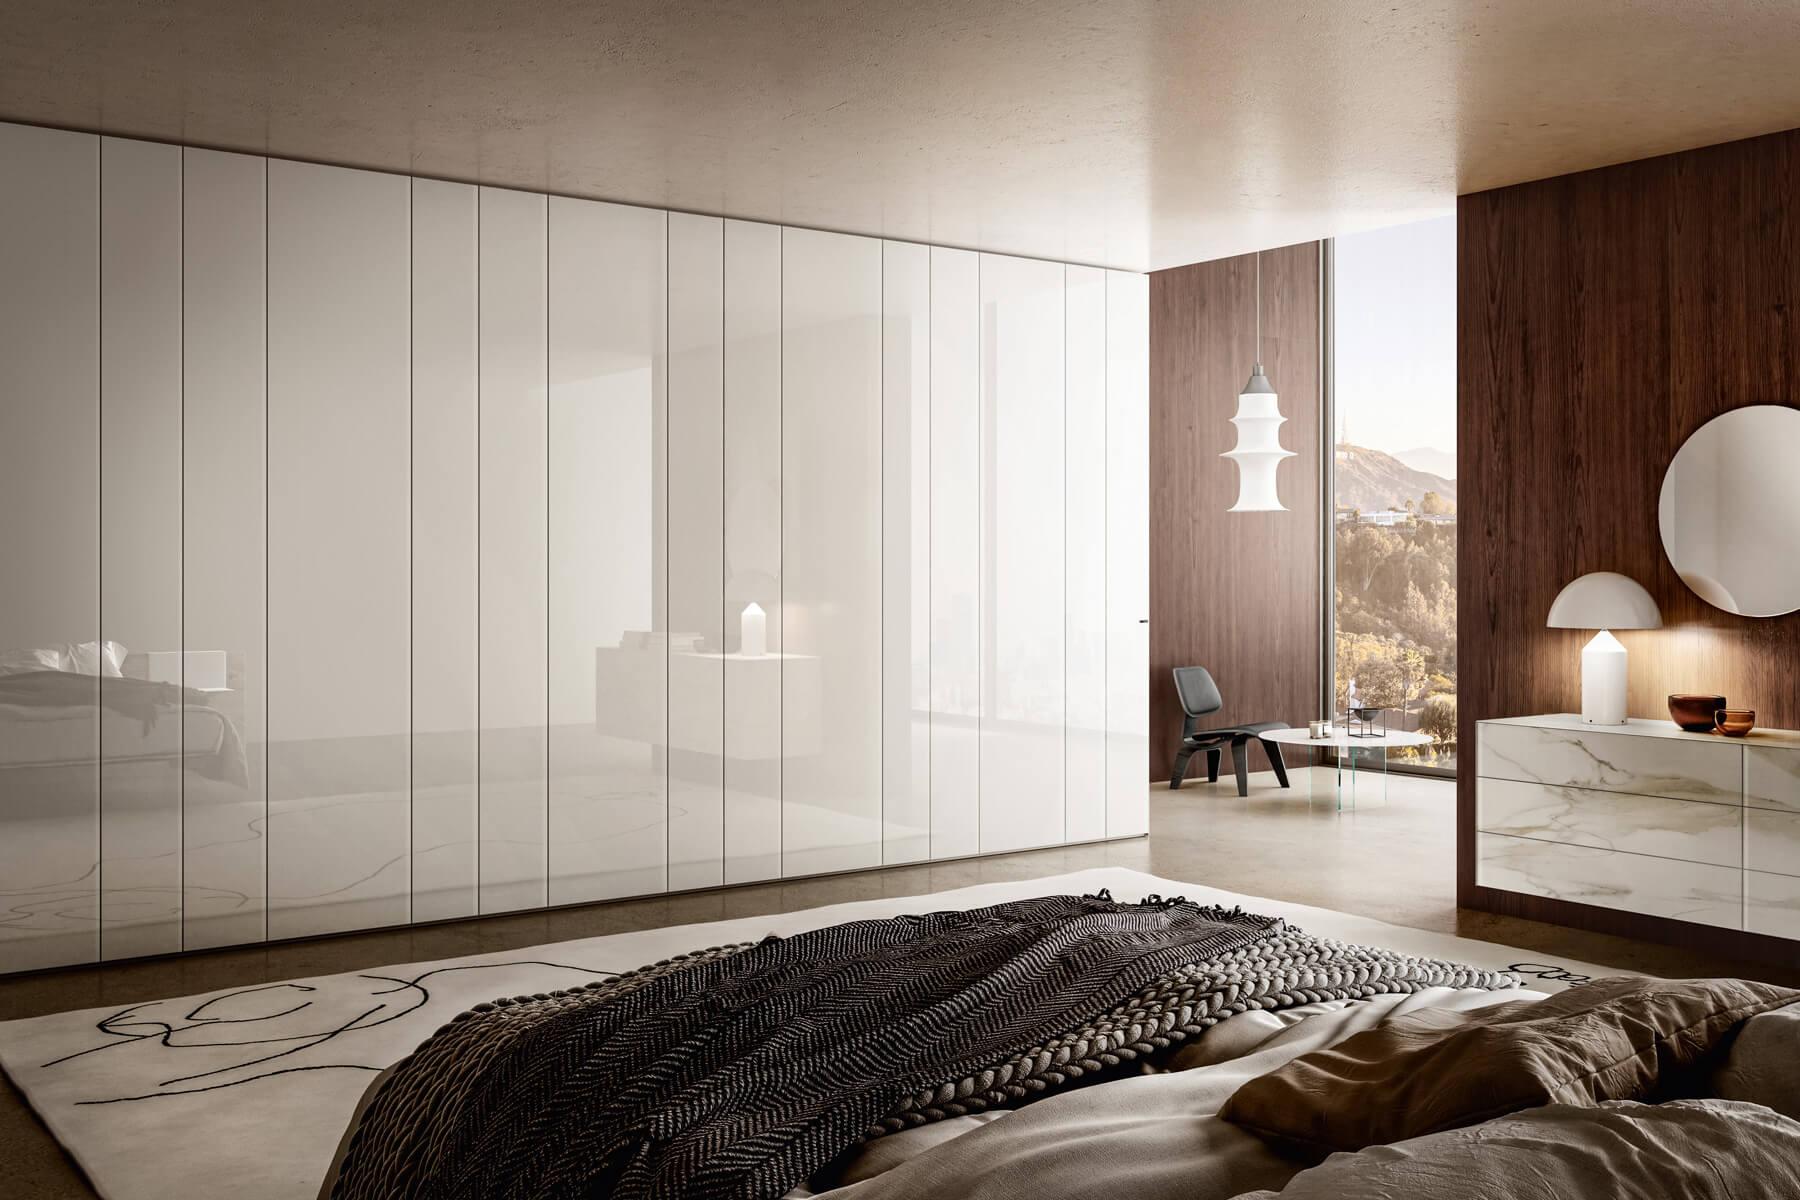 armadio-bianco-camera-da-letto-2